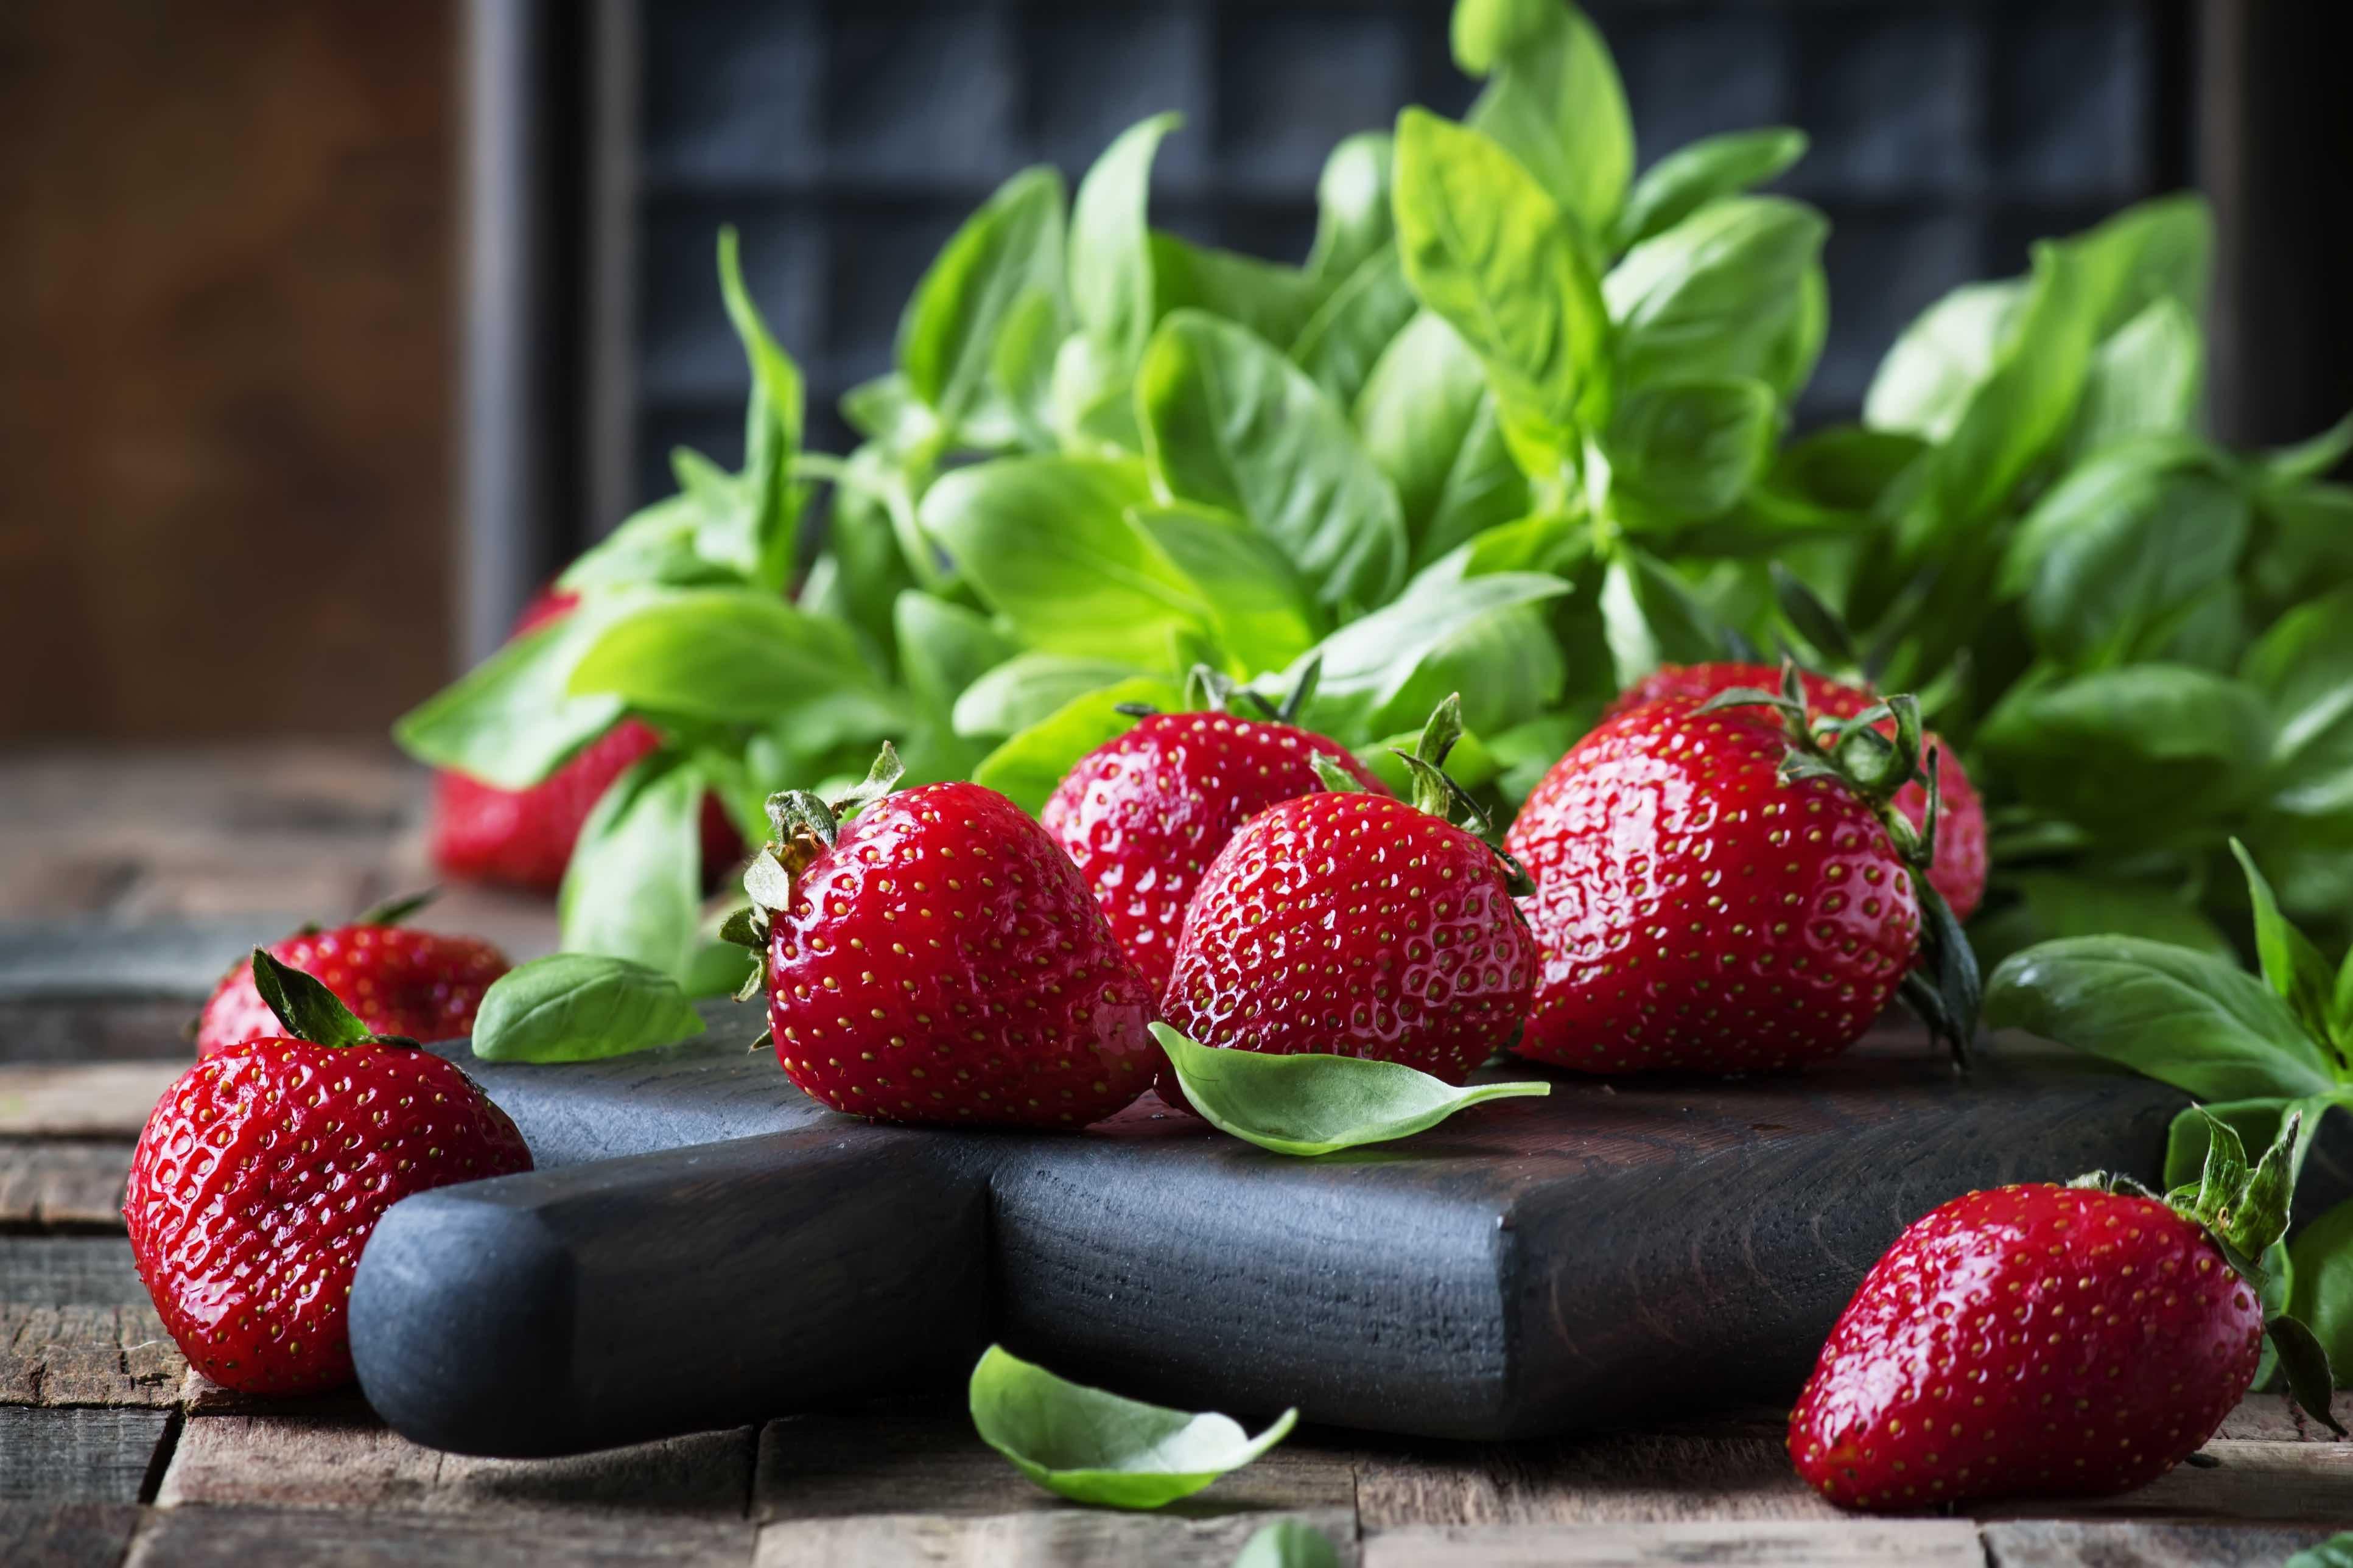 Erdbeeren und Basilikumblätter auf einem schwarz lasierten Holzbrett